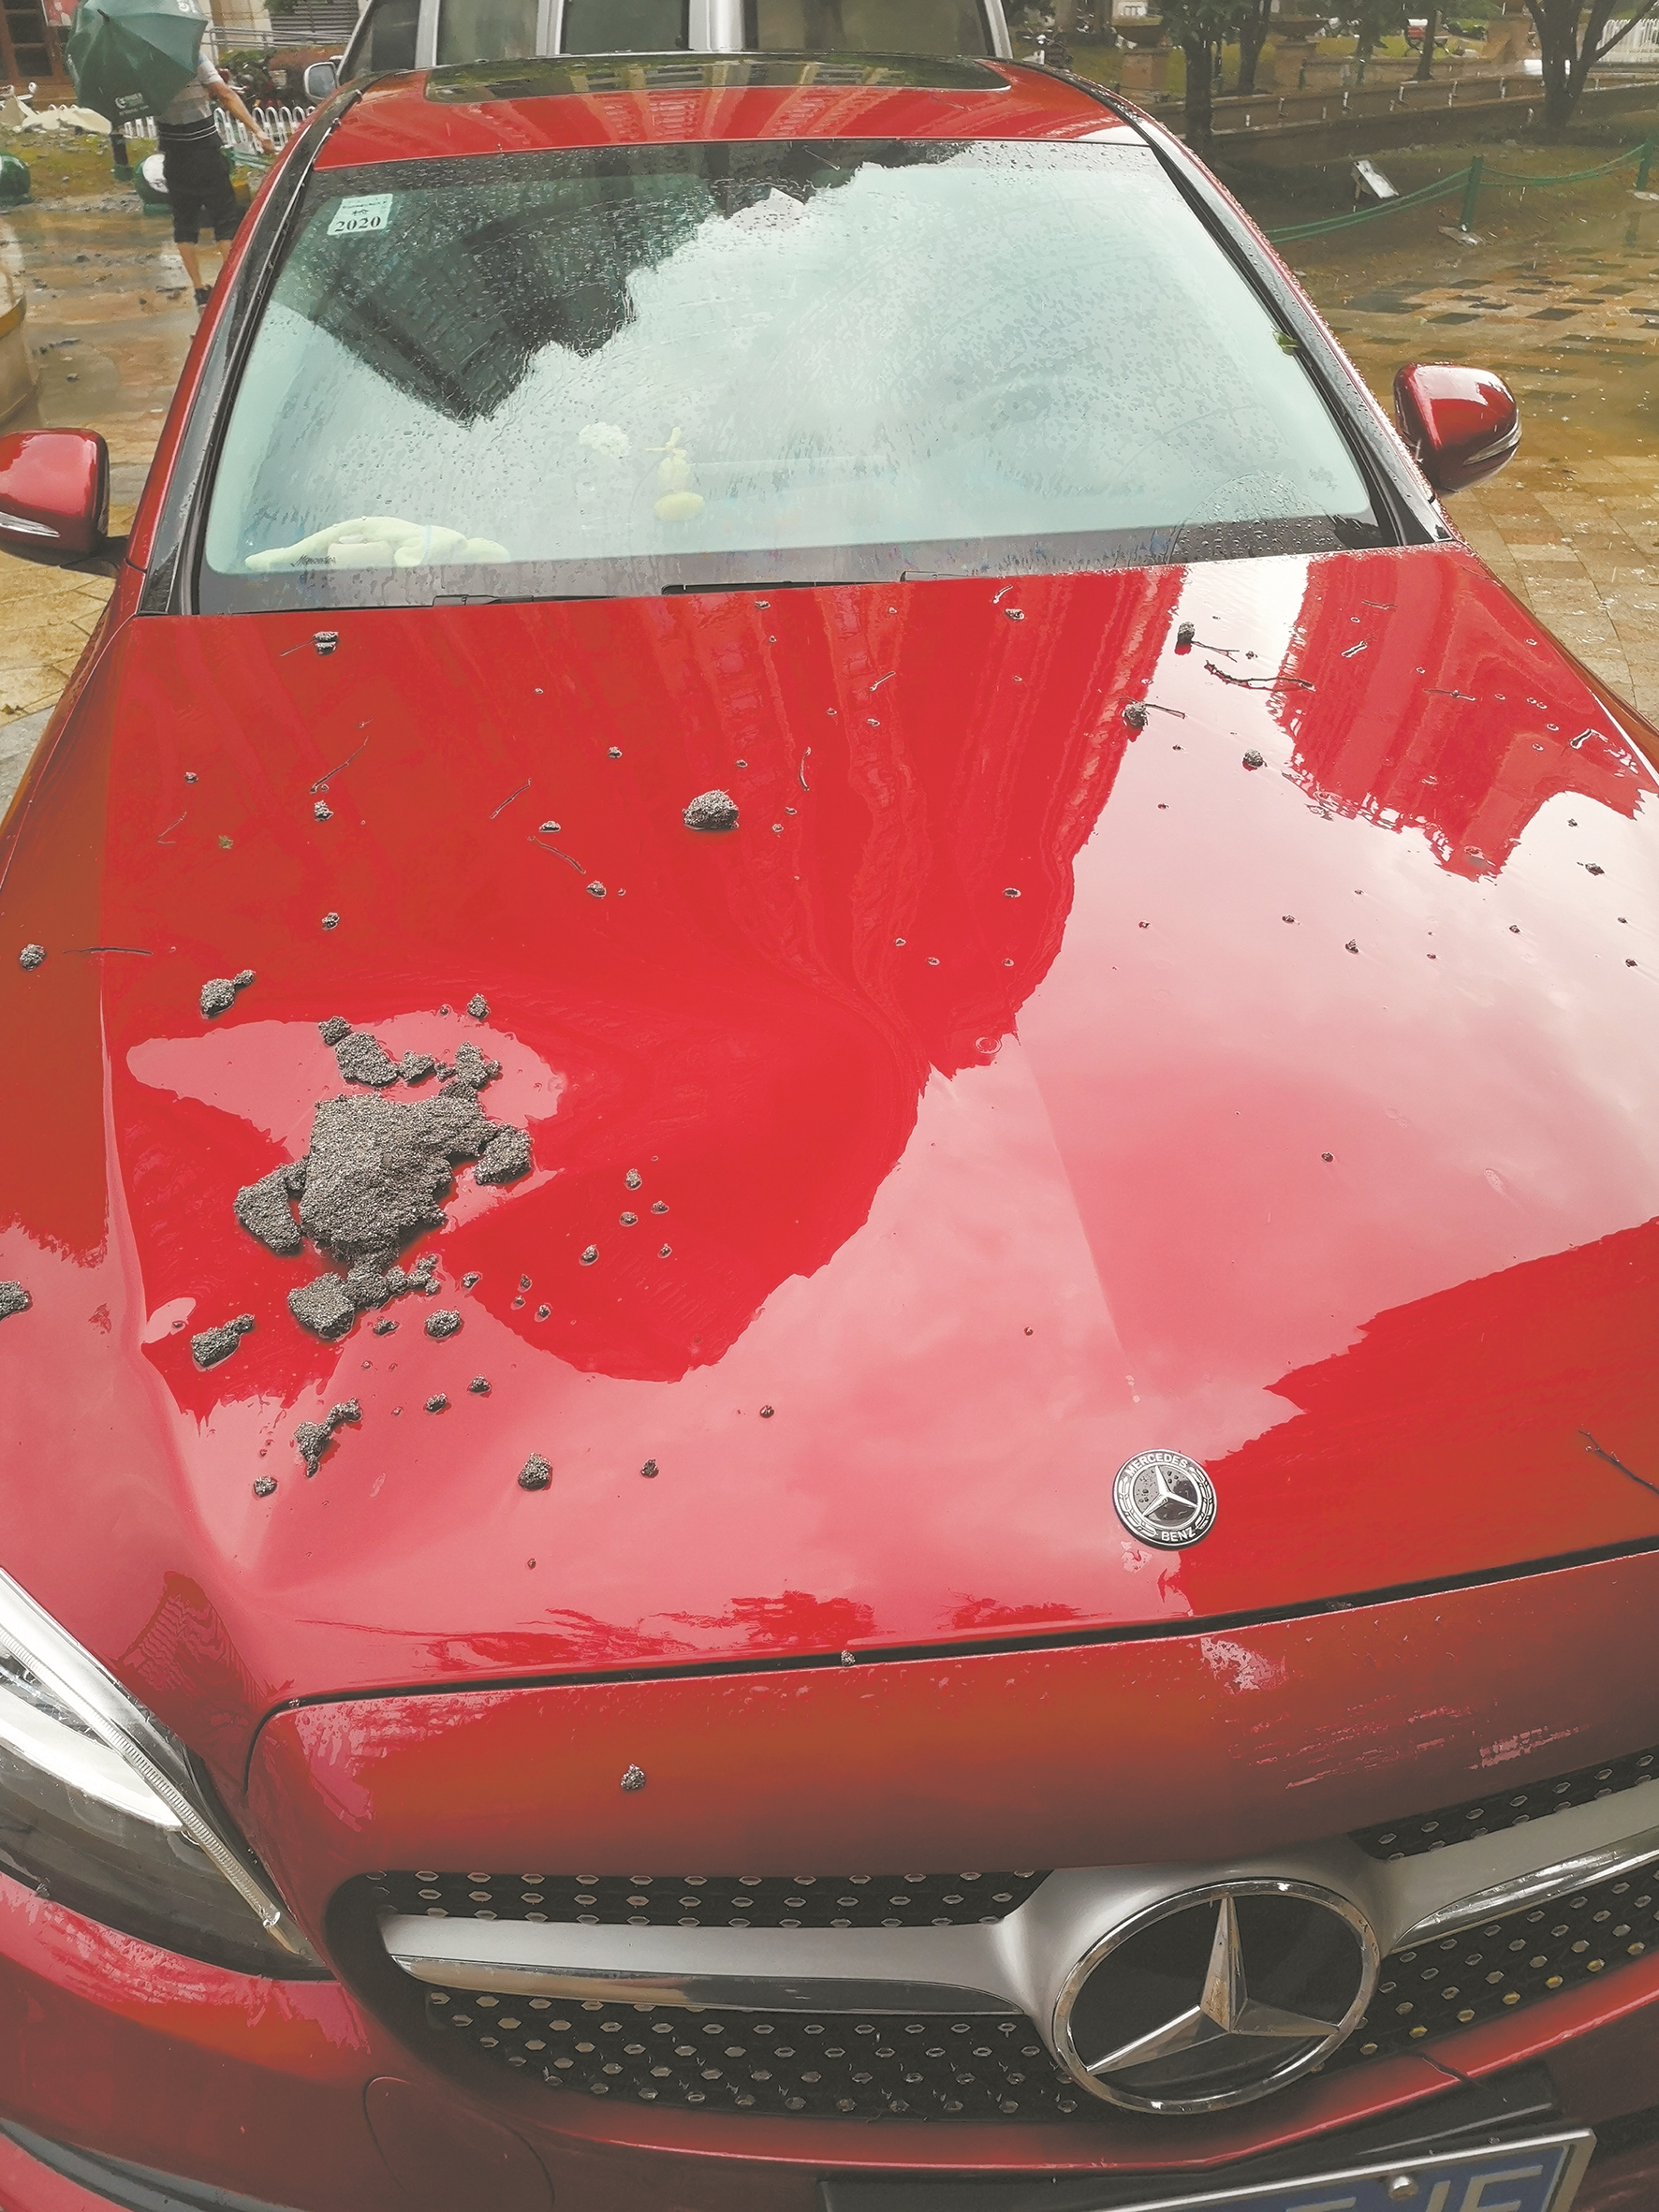 业主奔驰车引擎盖被坠物砸了个大坑